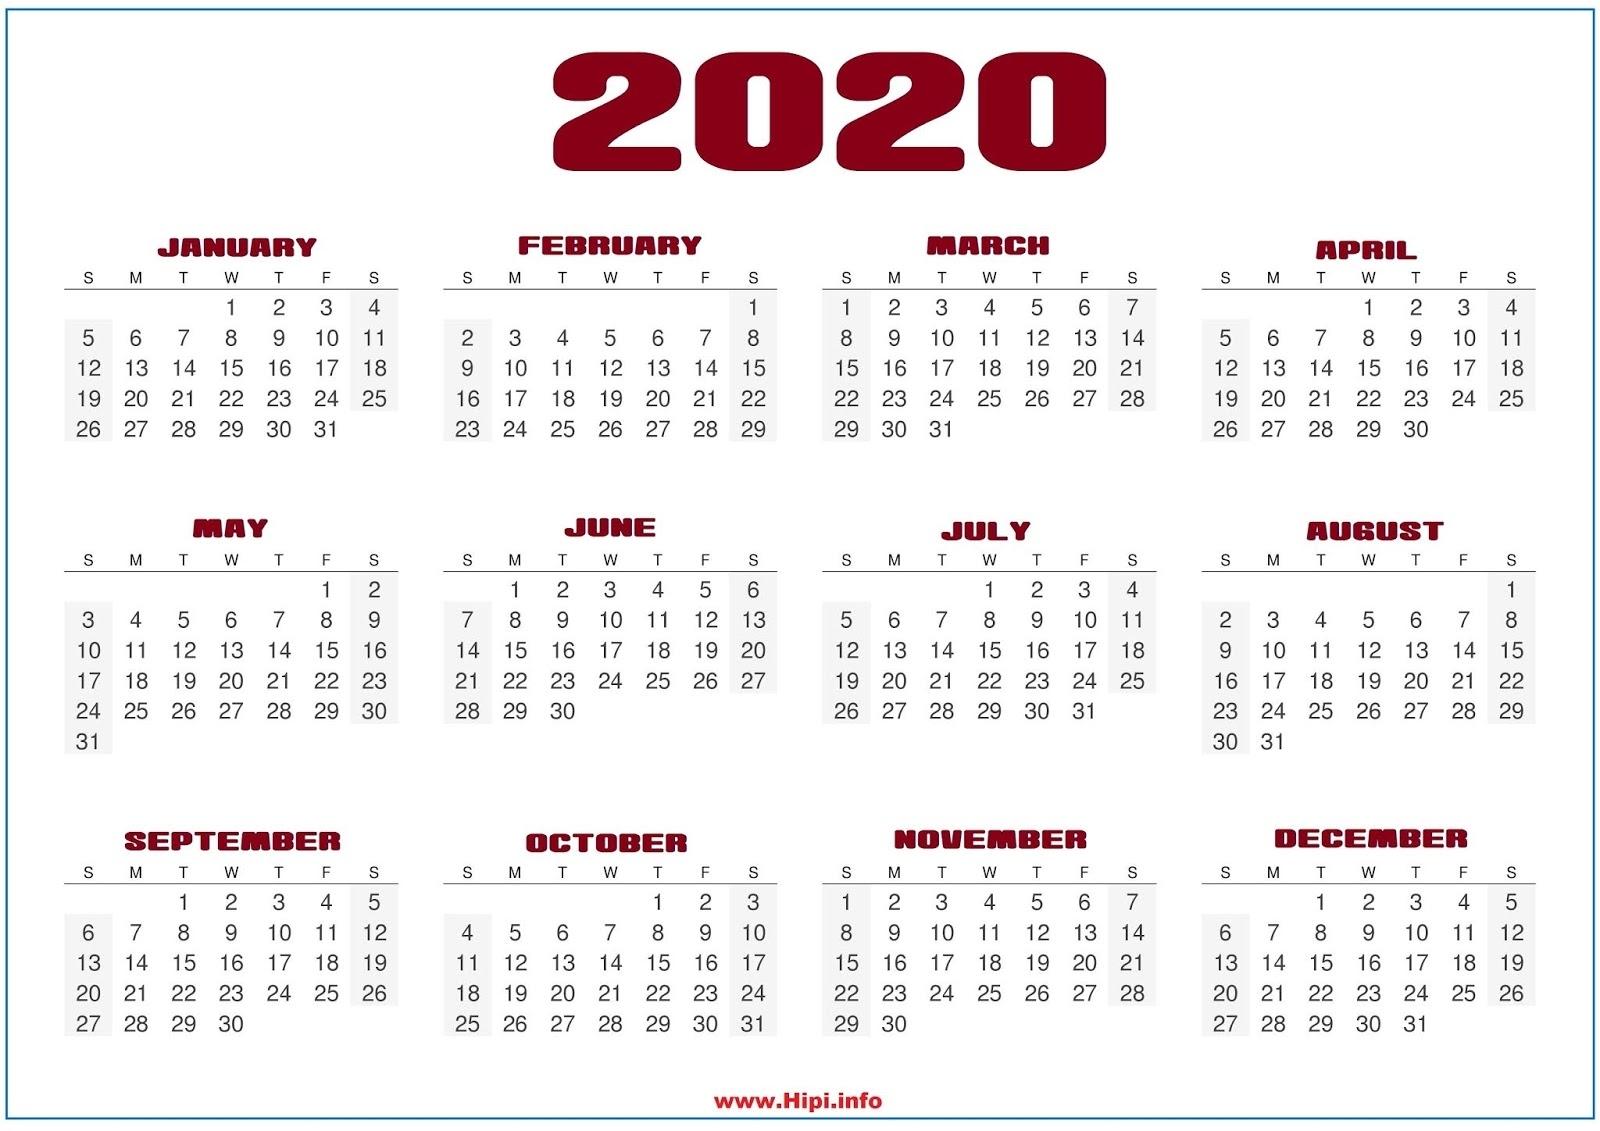 Monthly 2020 Desktop Calendar Wallpapers in 2020 8 X 10 Calendars